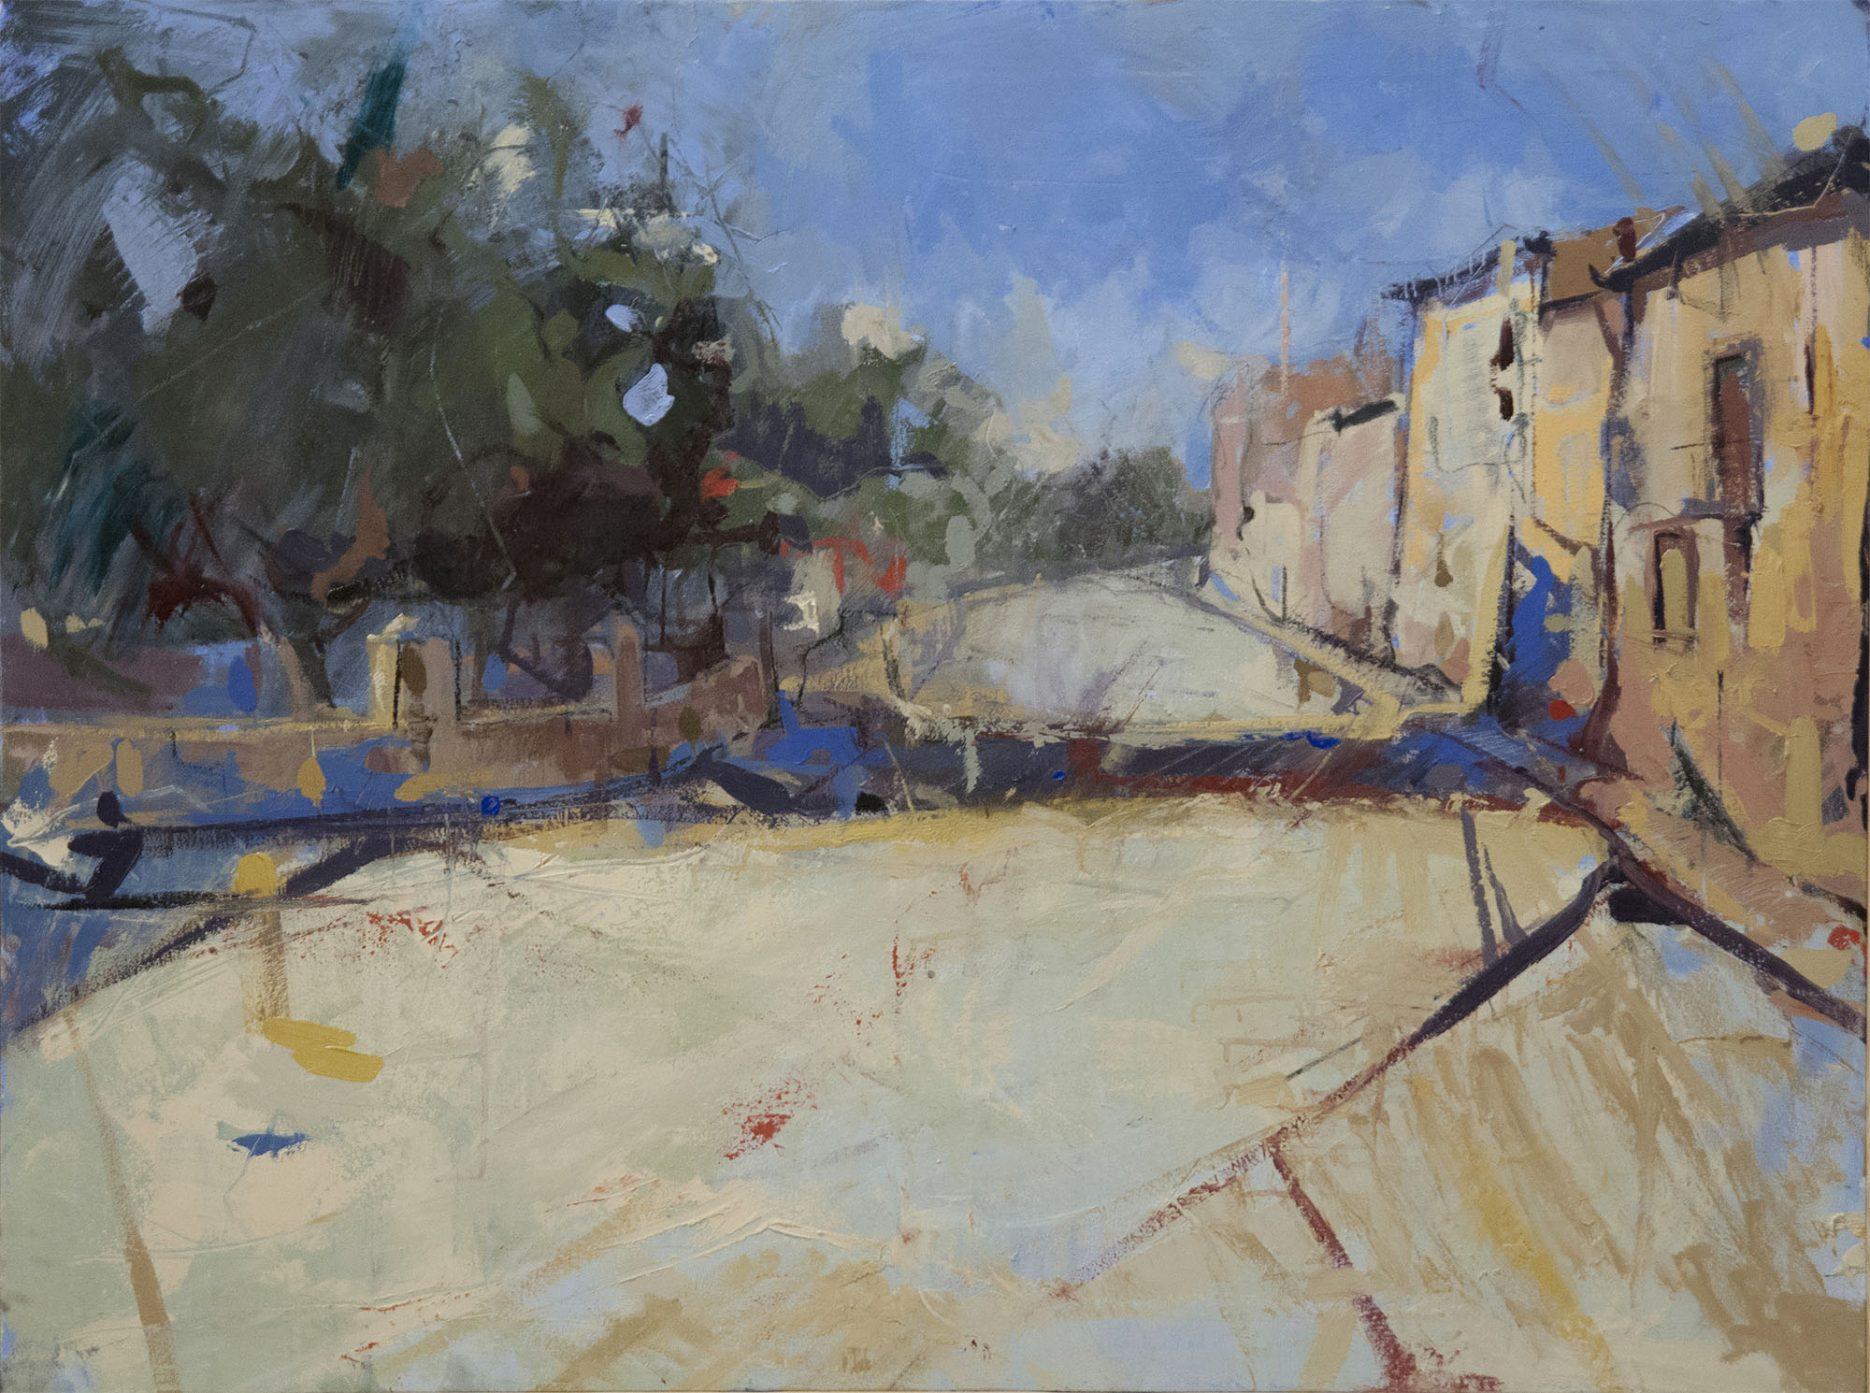 Pintura La curva del puente del artista Sánchez del Castillo del proyecto Ayllón, una investigación sobre el paisaje